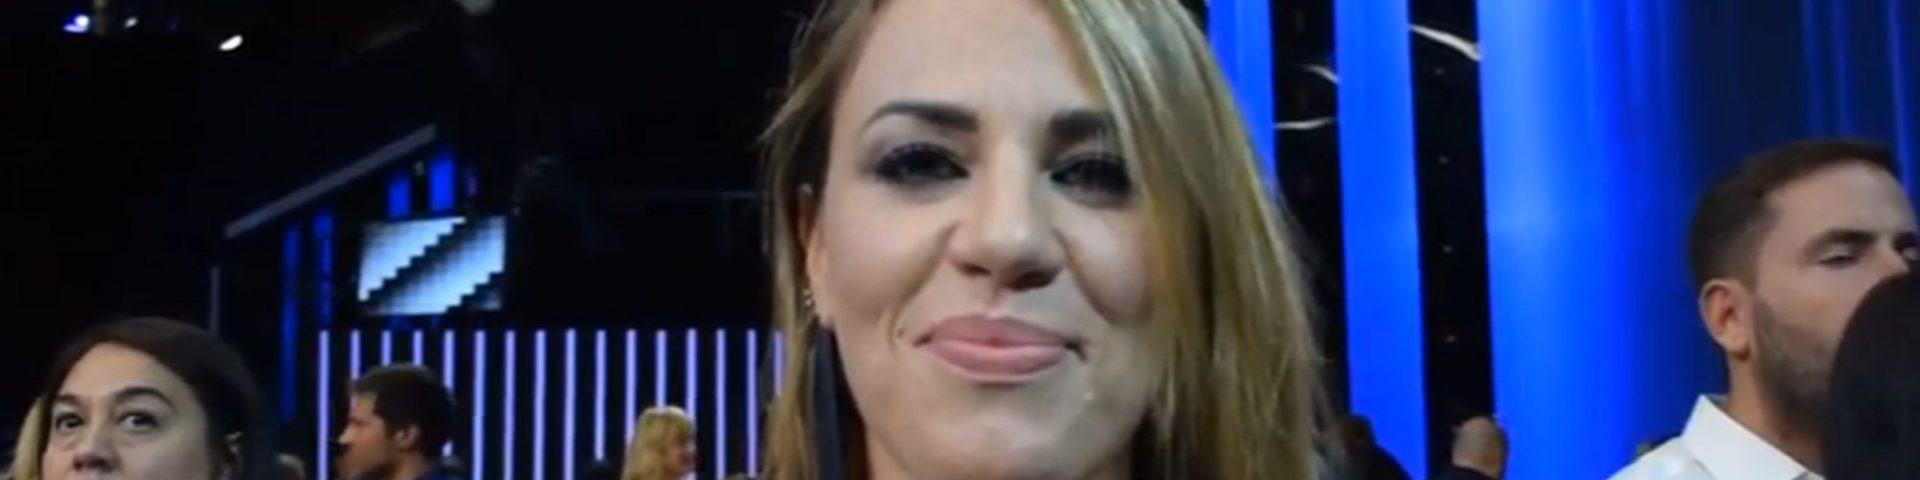 """Roberta Bonanno a Tale e Quale Show: """"Sono passati 10 anni da Amici..."""" - Video"""